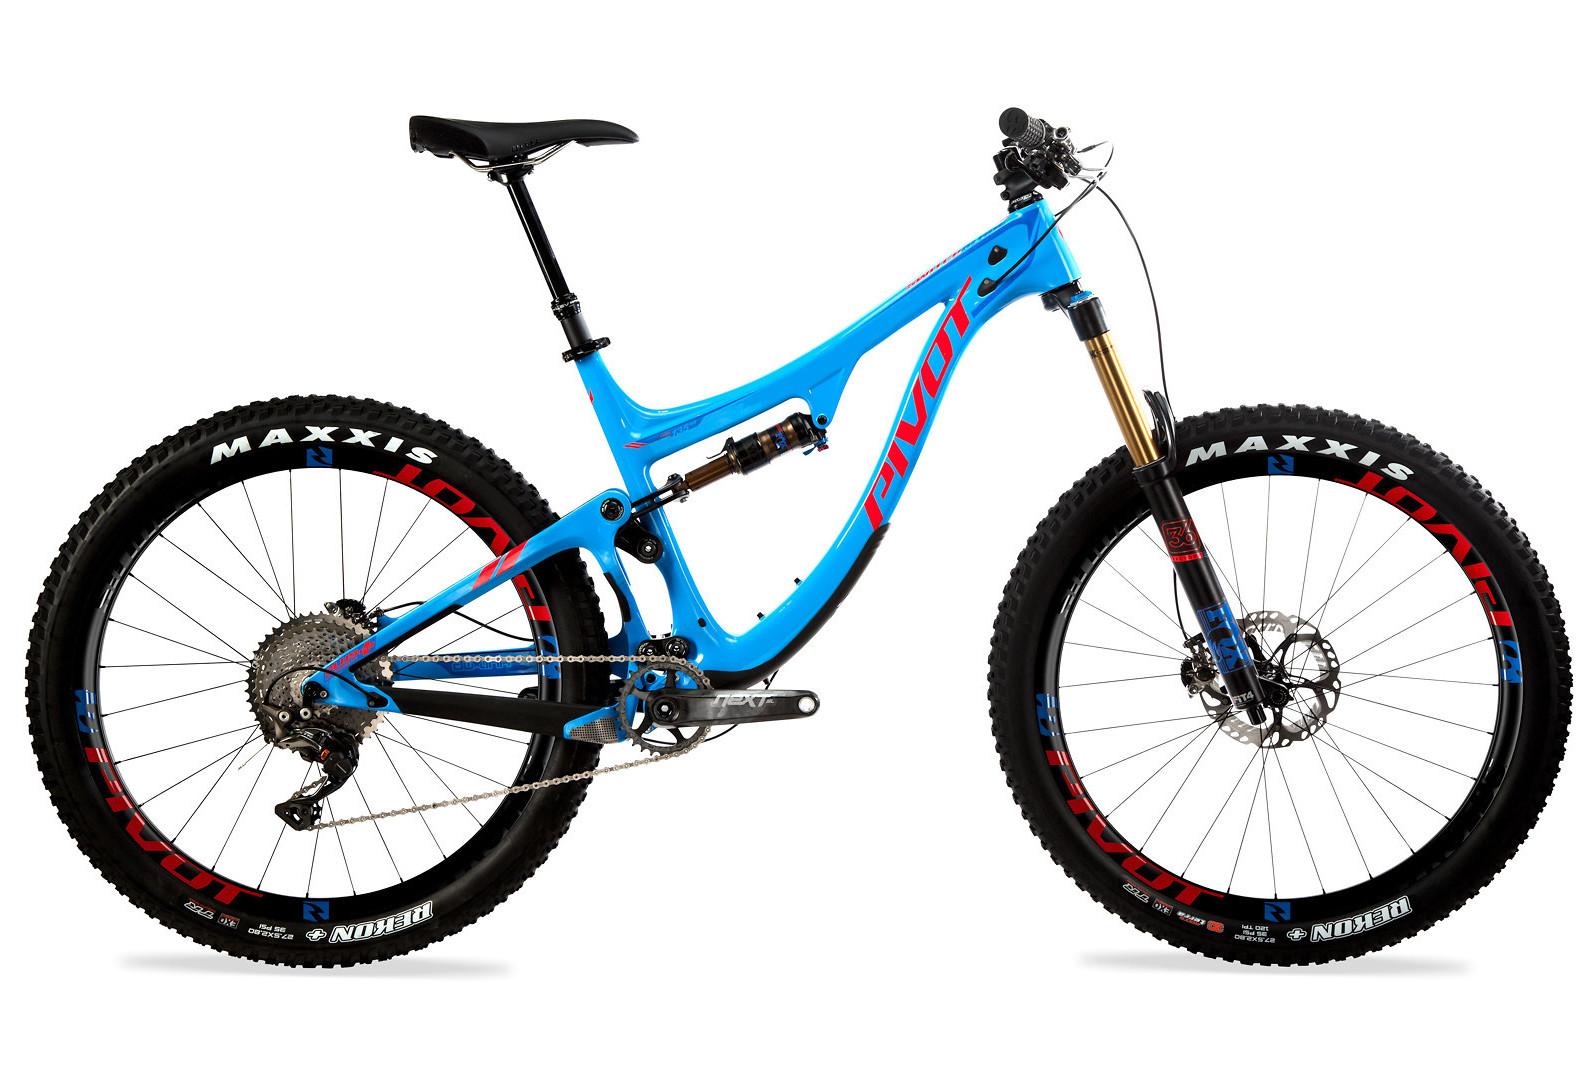 s1600_Switchblade_275_plus_carbon_blue_XTR